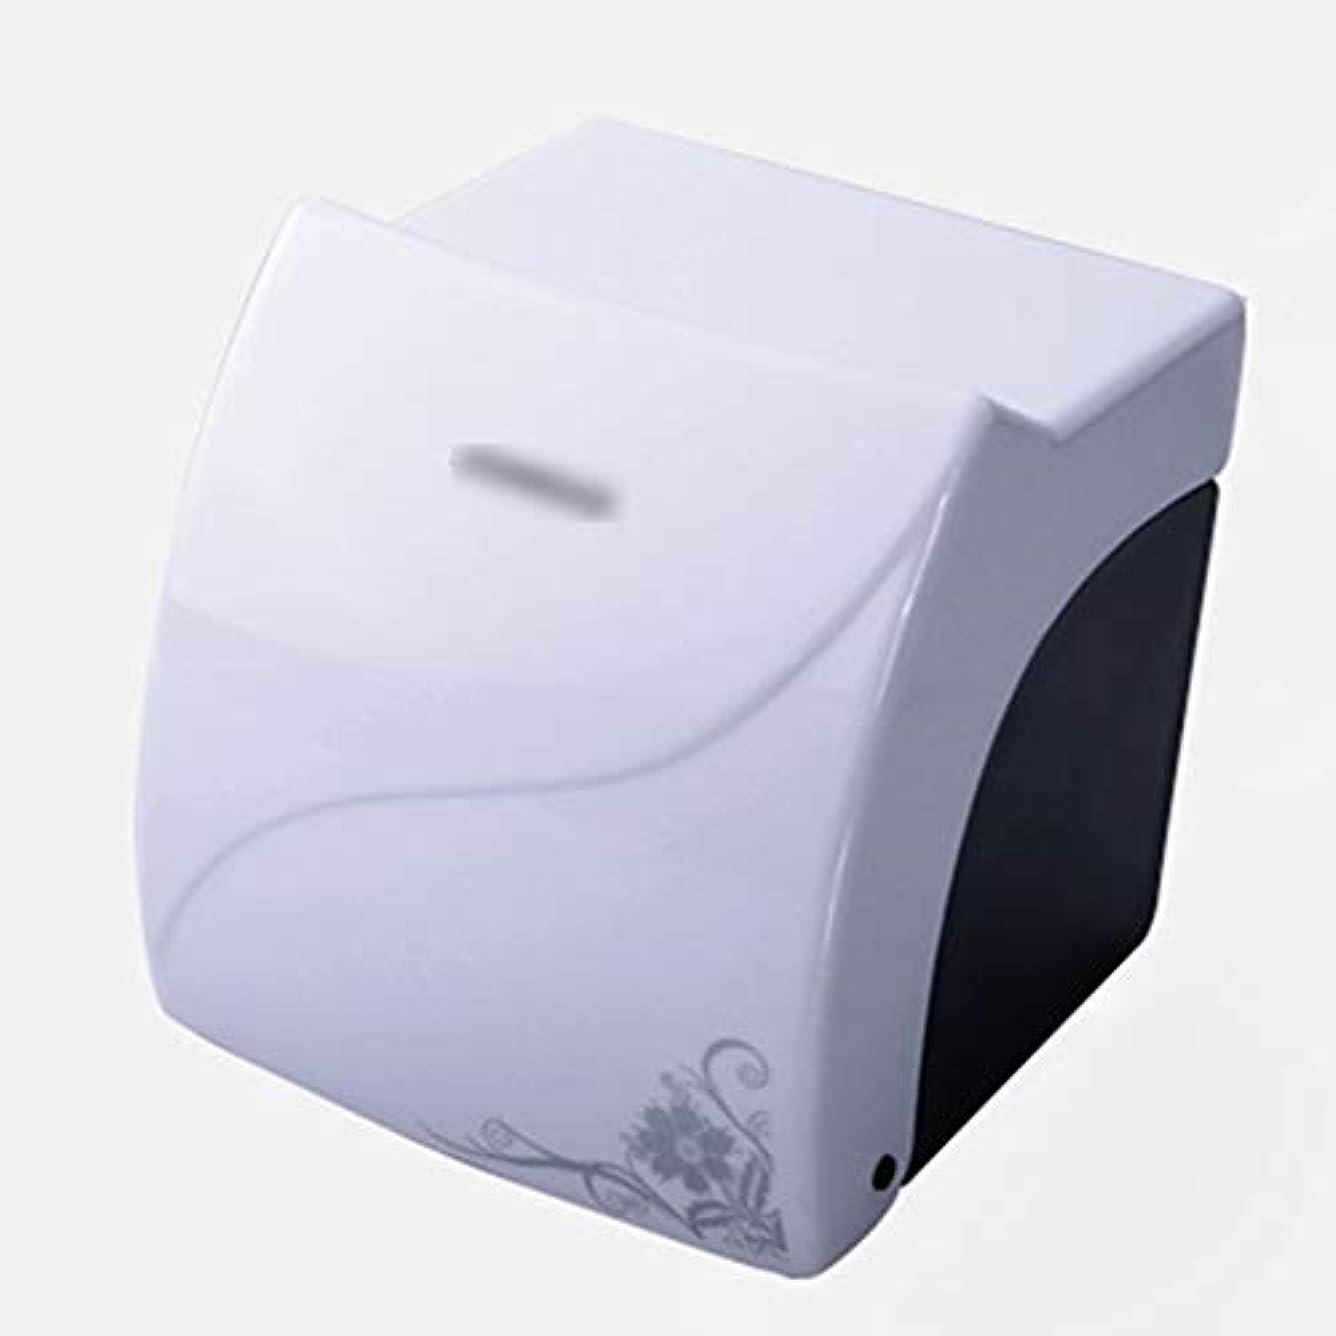 二十廃棄名誉ZZLX 紙タオルホルダー、高品質ABS防水ティッシュボックストイレットペーパーボックスペーパーホルダー ロングハンドル風呂ブラシ